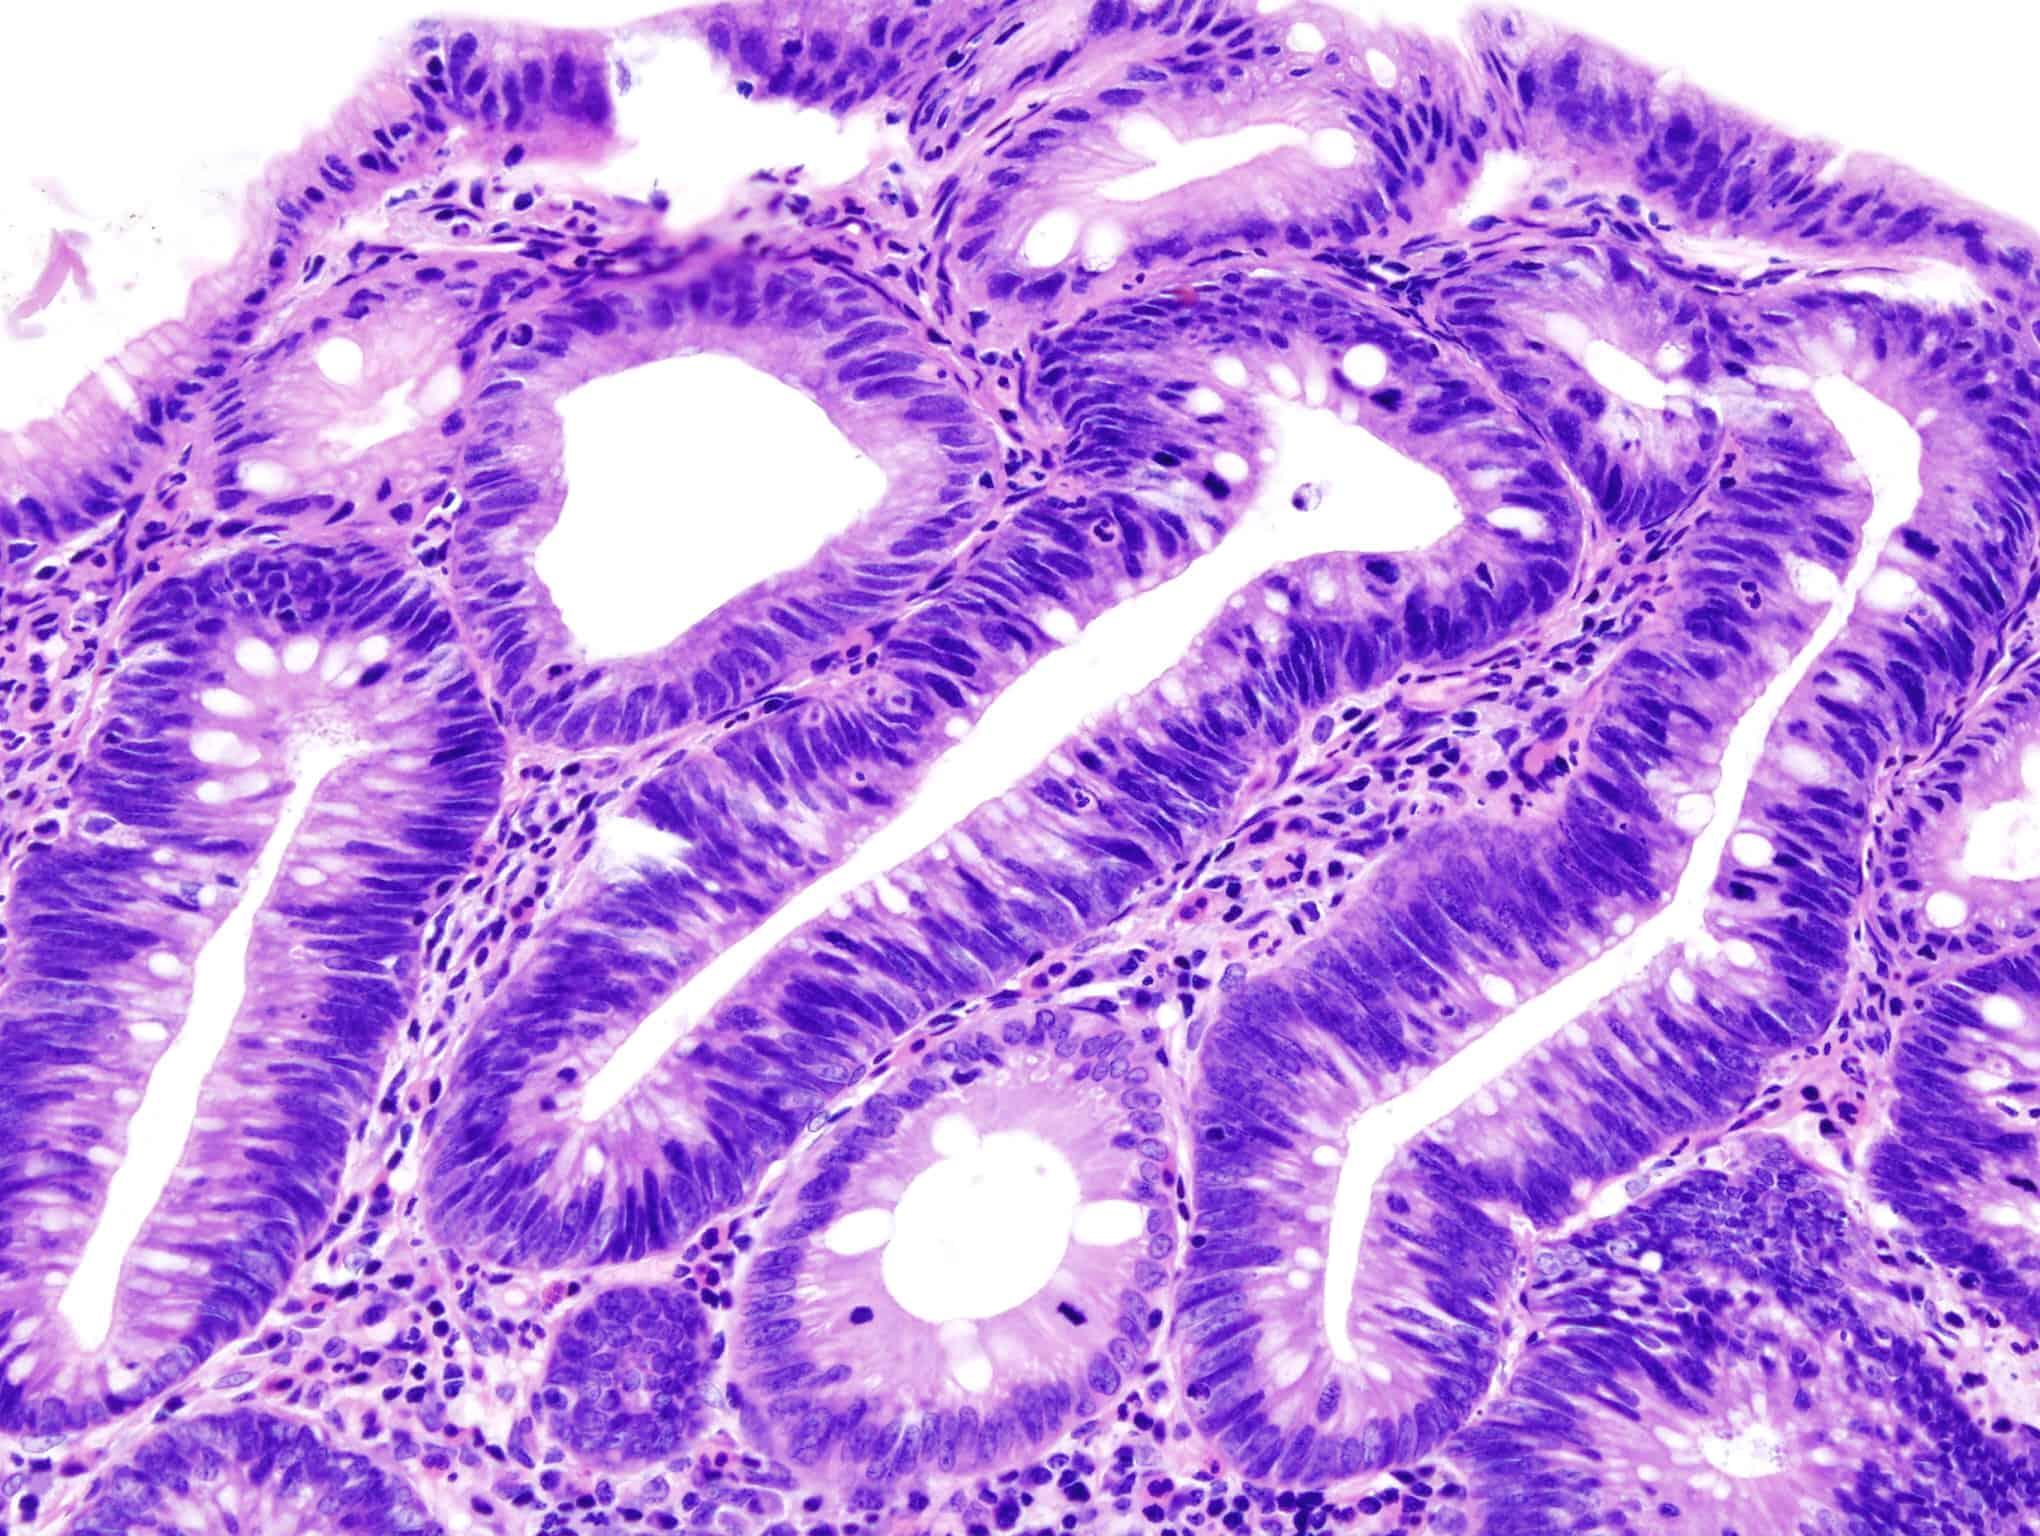 ¿Qué significa la próstata con síntomas de adenoma?